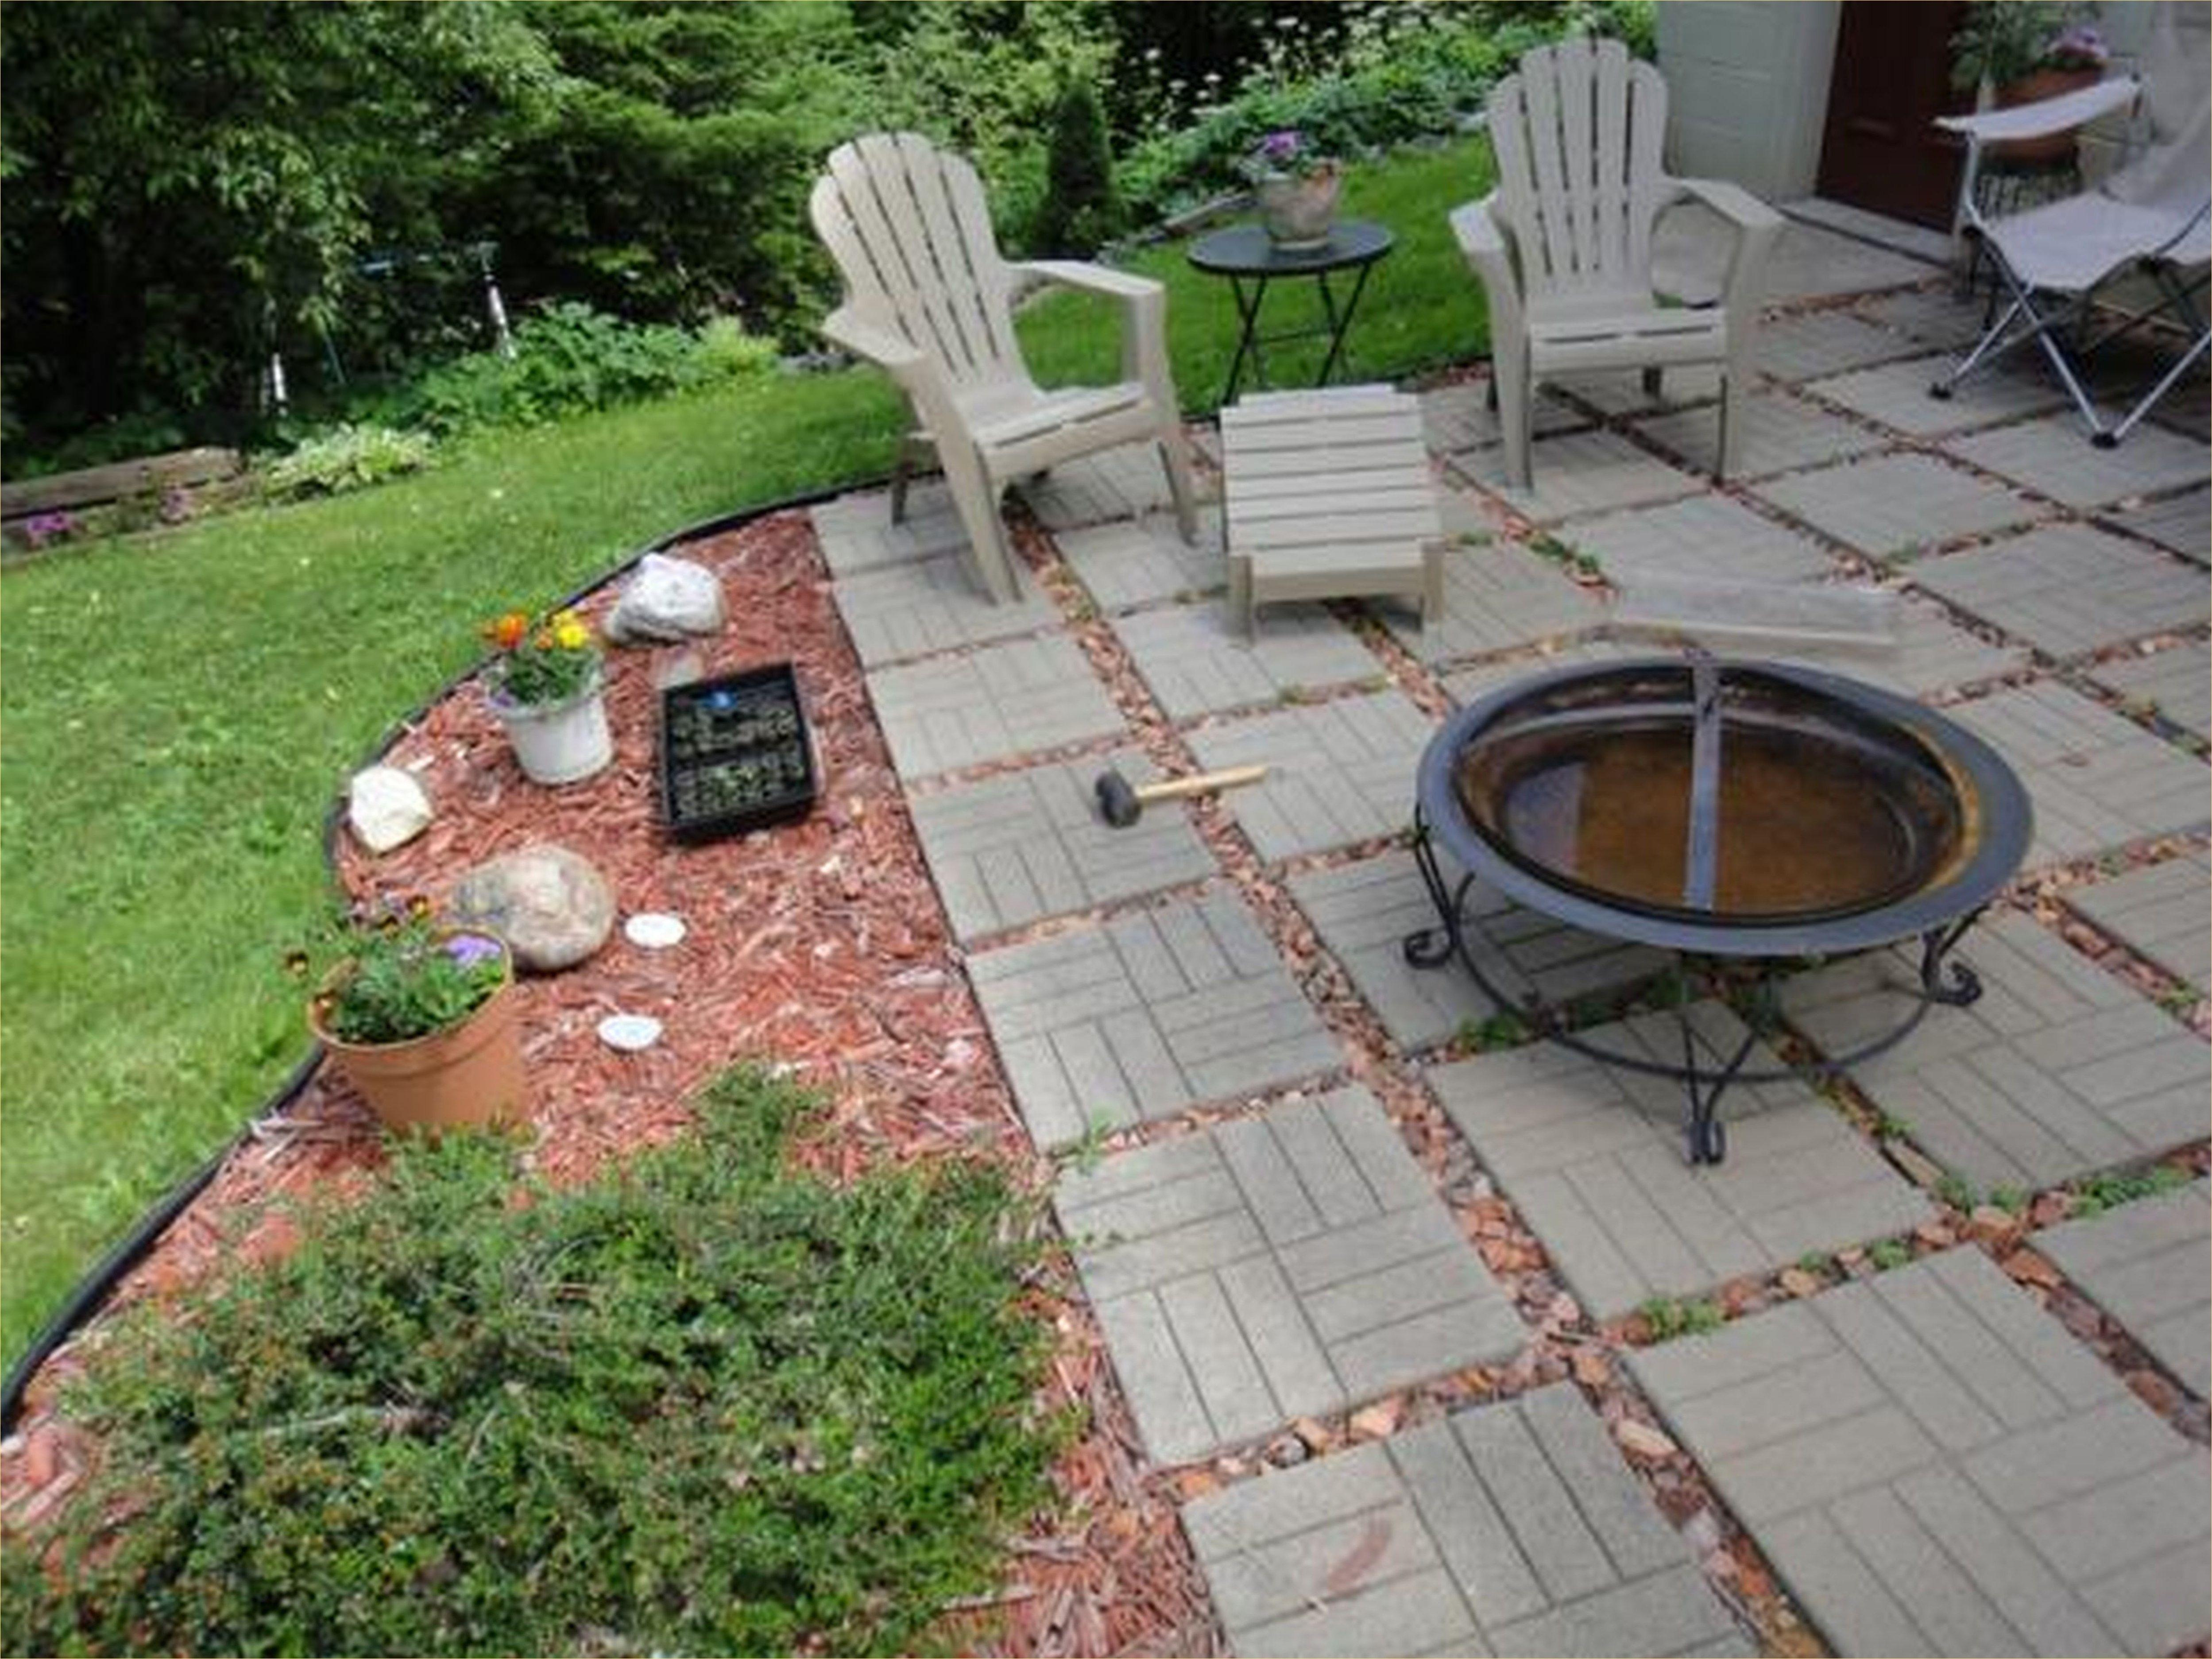 50 stylish small backyard with hardscape ideas backyard on backyard landscaping ideas with minimum budget id=76339